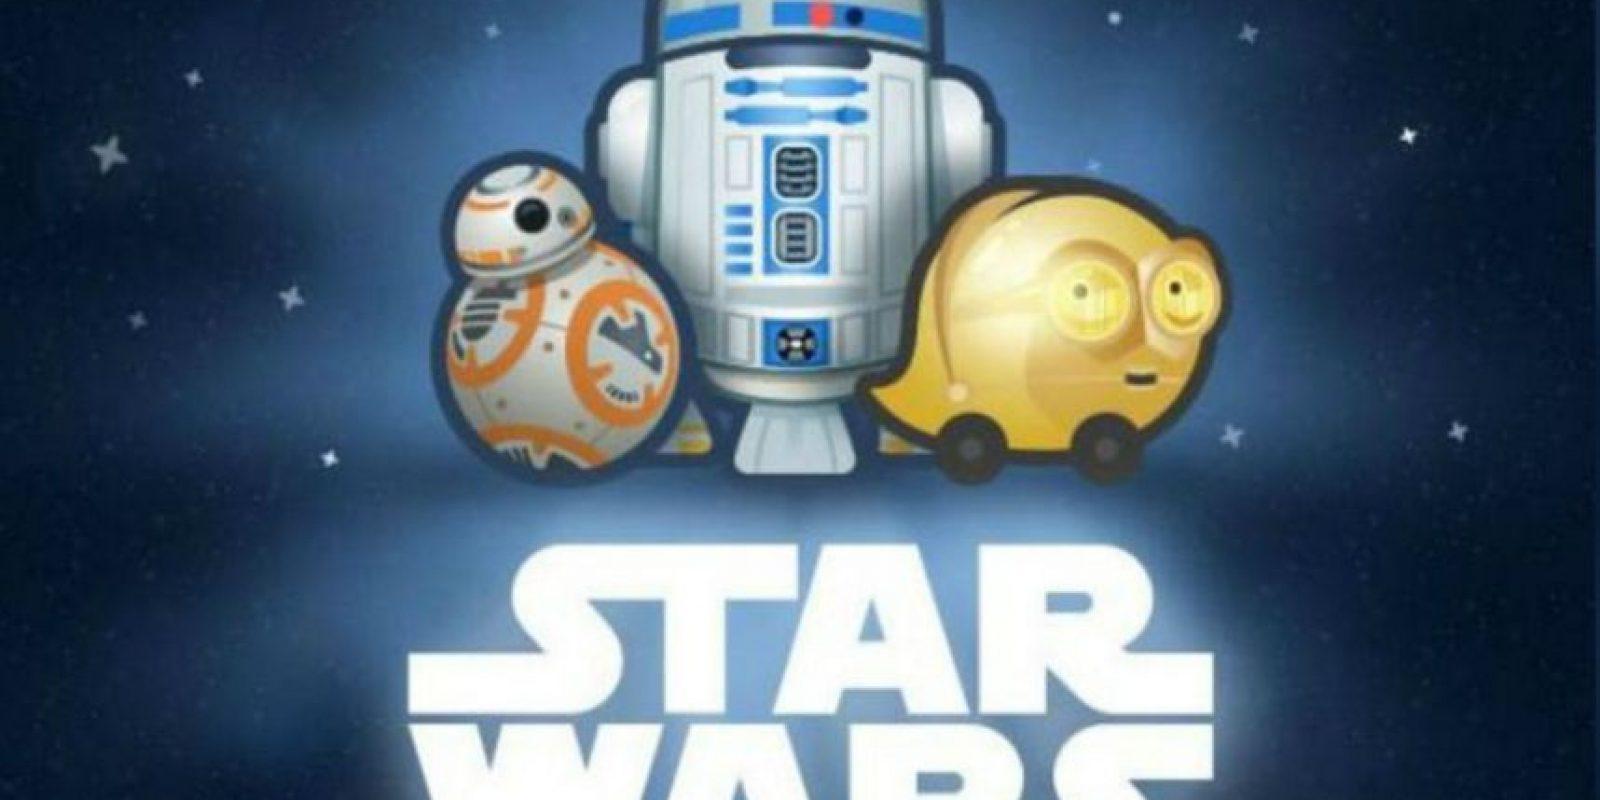 Star Wars tomará el control de su automóvil. Foto:Waze